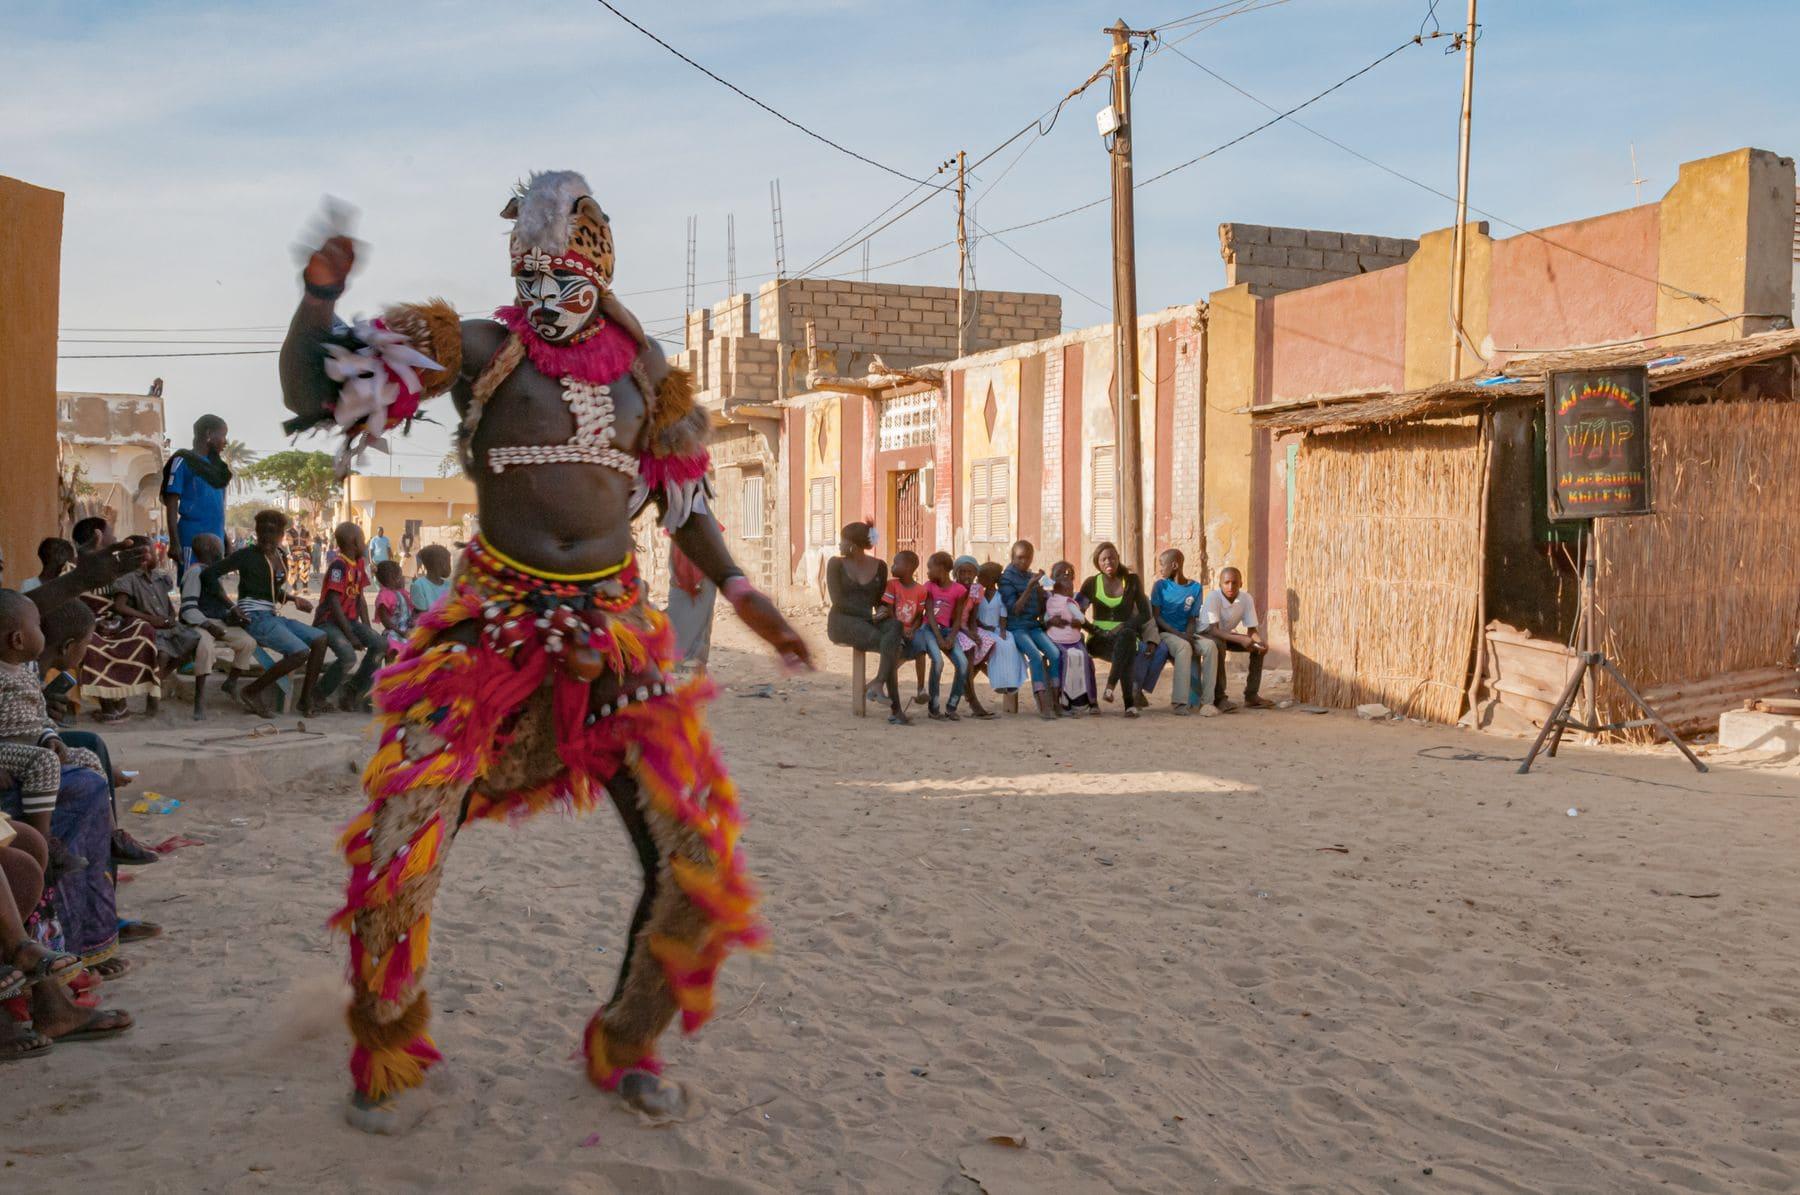 MichelAycaguer-LeSimb-LeFauxLion-SaintLouis-Senegal-24